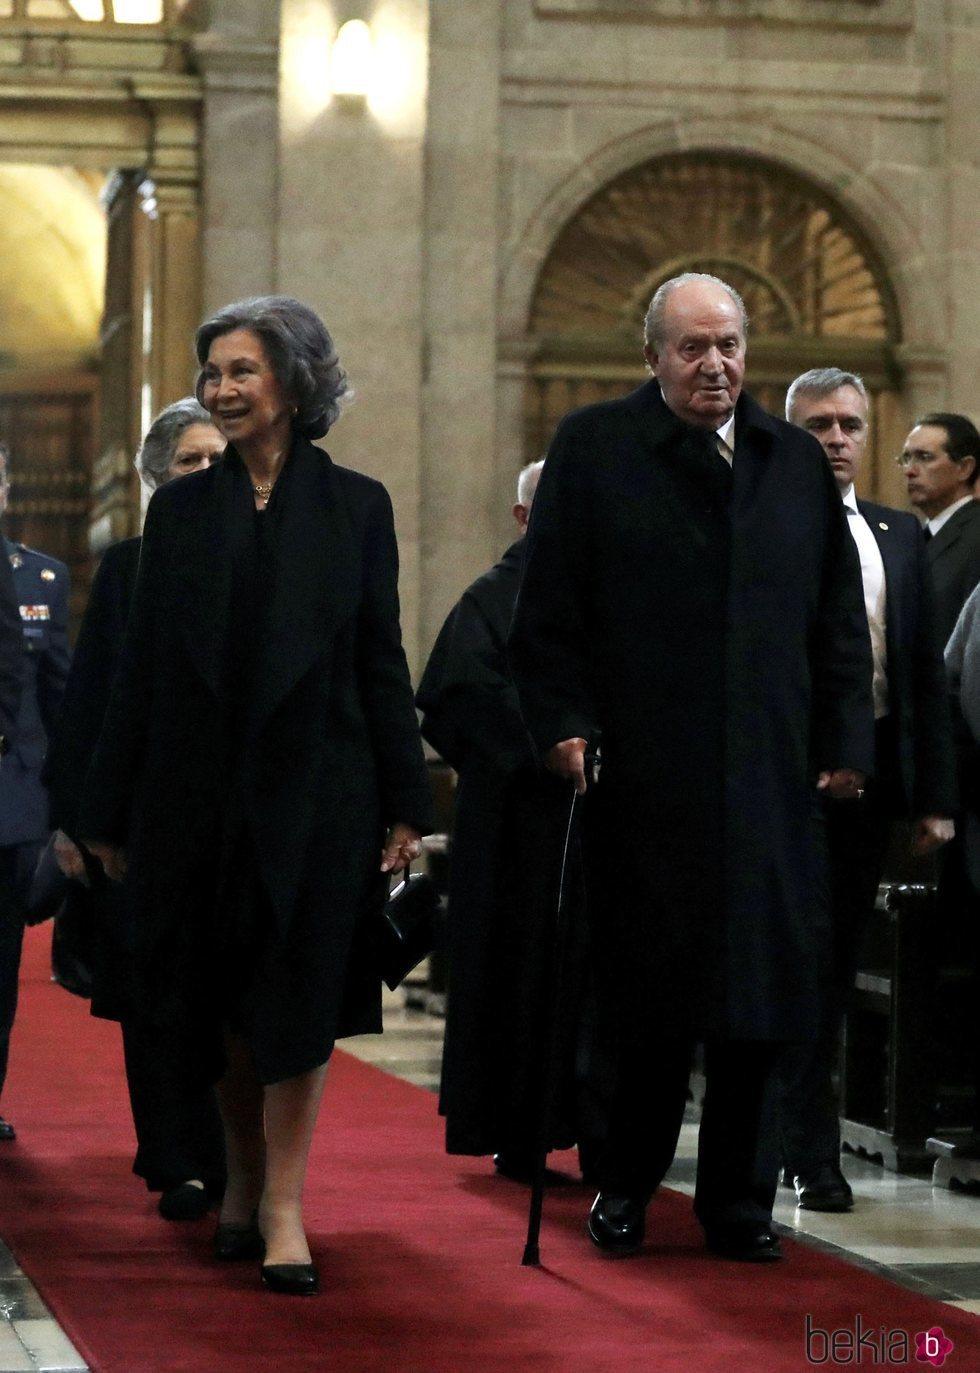 Los Reyes Juan Carlos y Sofía junto a Irene de Grecia en la misa por el 25 aniversario de la muerte del Conde de Barcelona